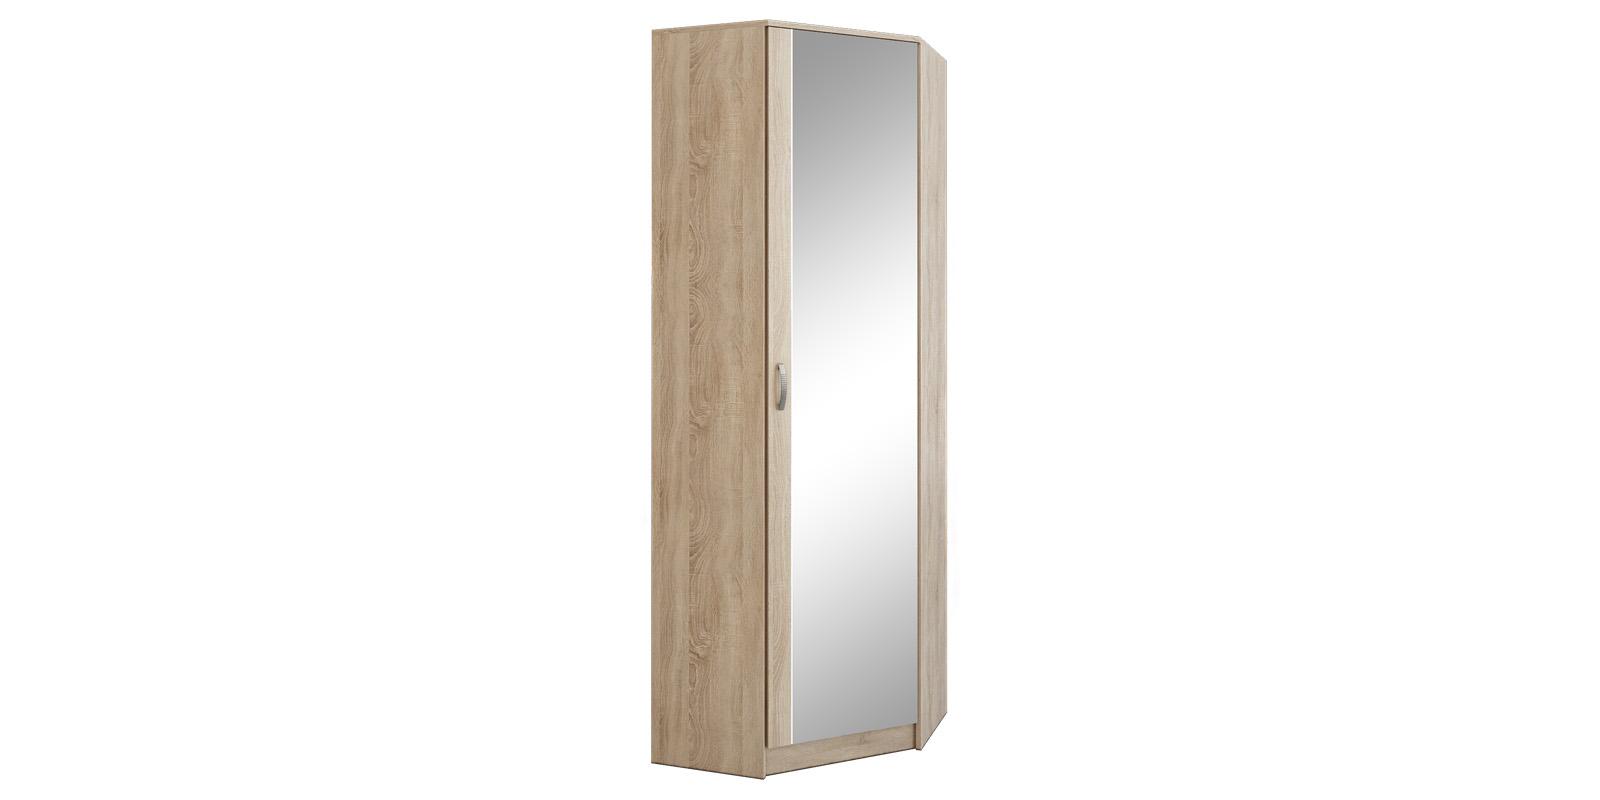 Шкаф распашной угловой Хельга вариант №2 (дуб сонома)